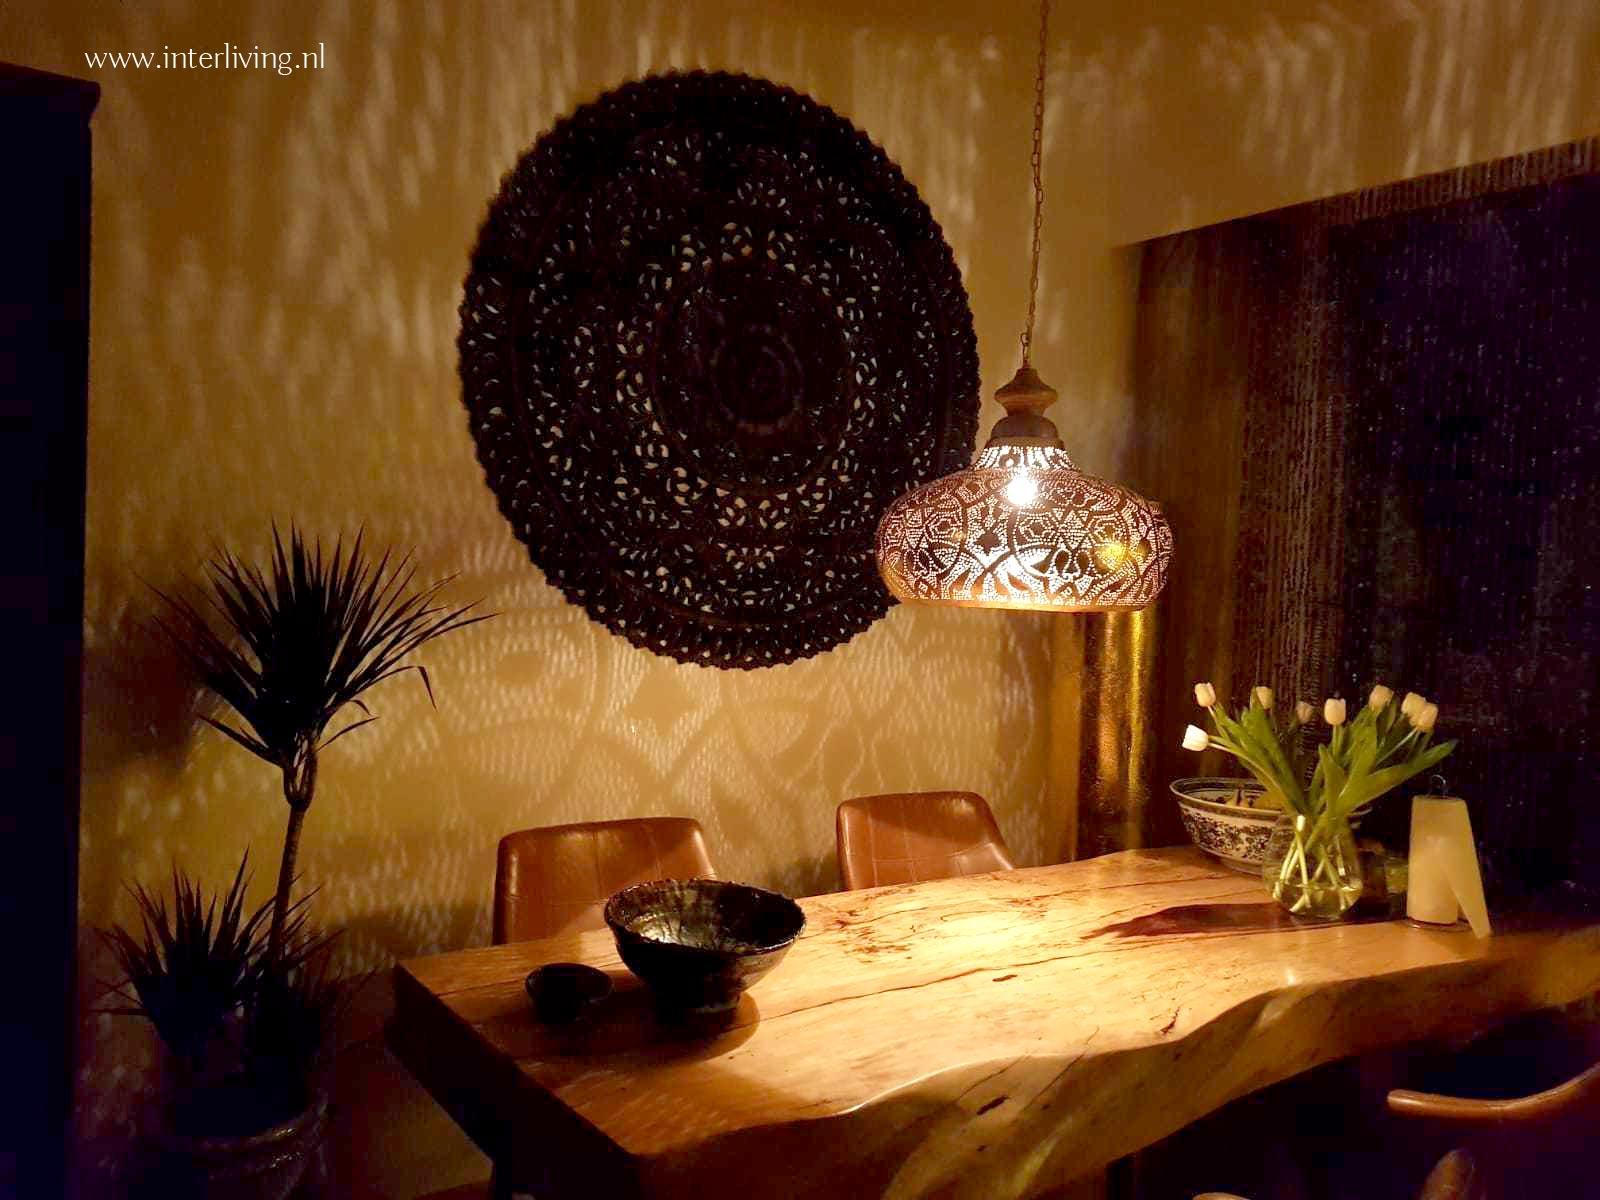 oosters paneel boven eettafel met gaatjeslamp